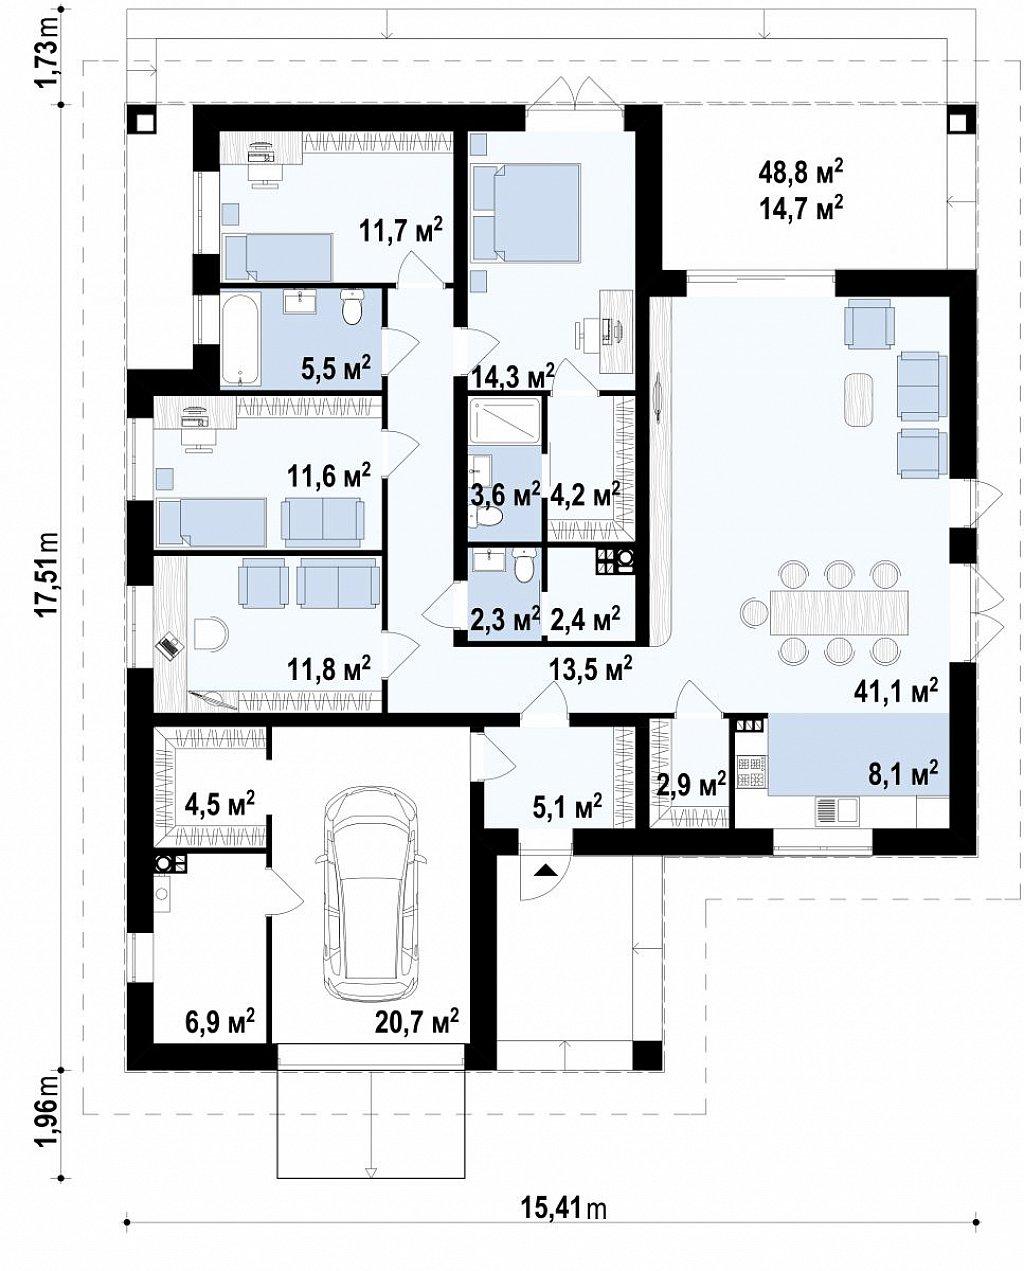 Проект стильного одноэтажного дома с функциональной планировкой план помещений 1